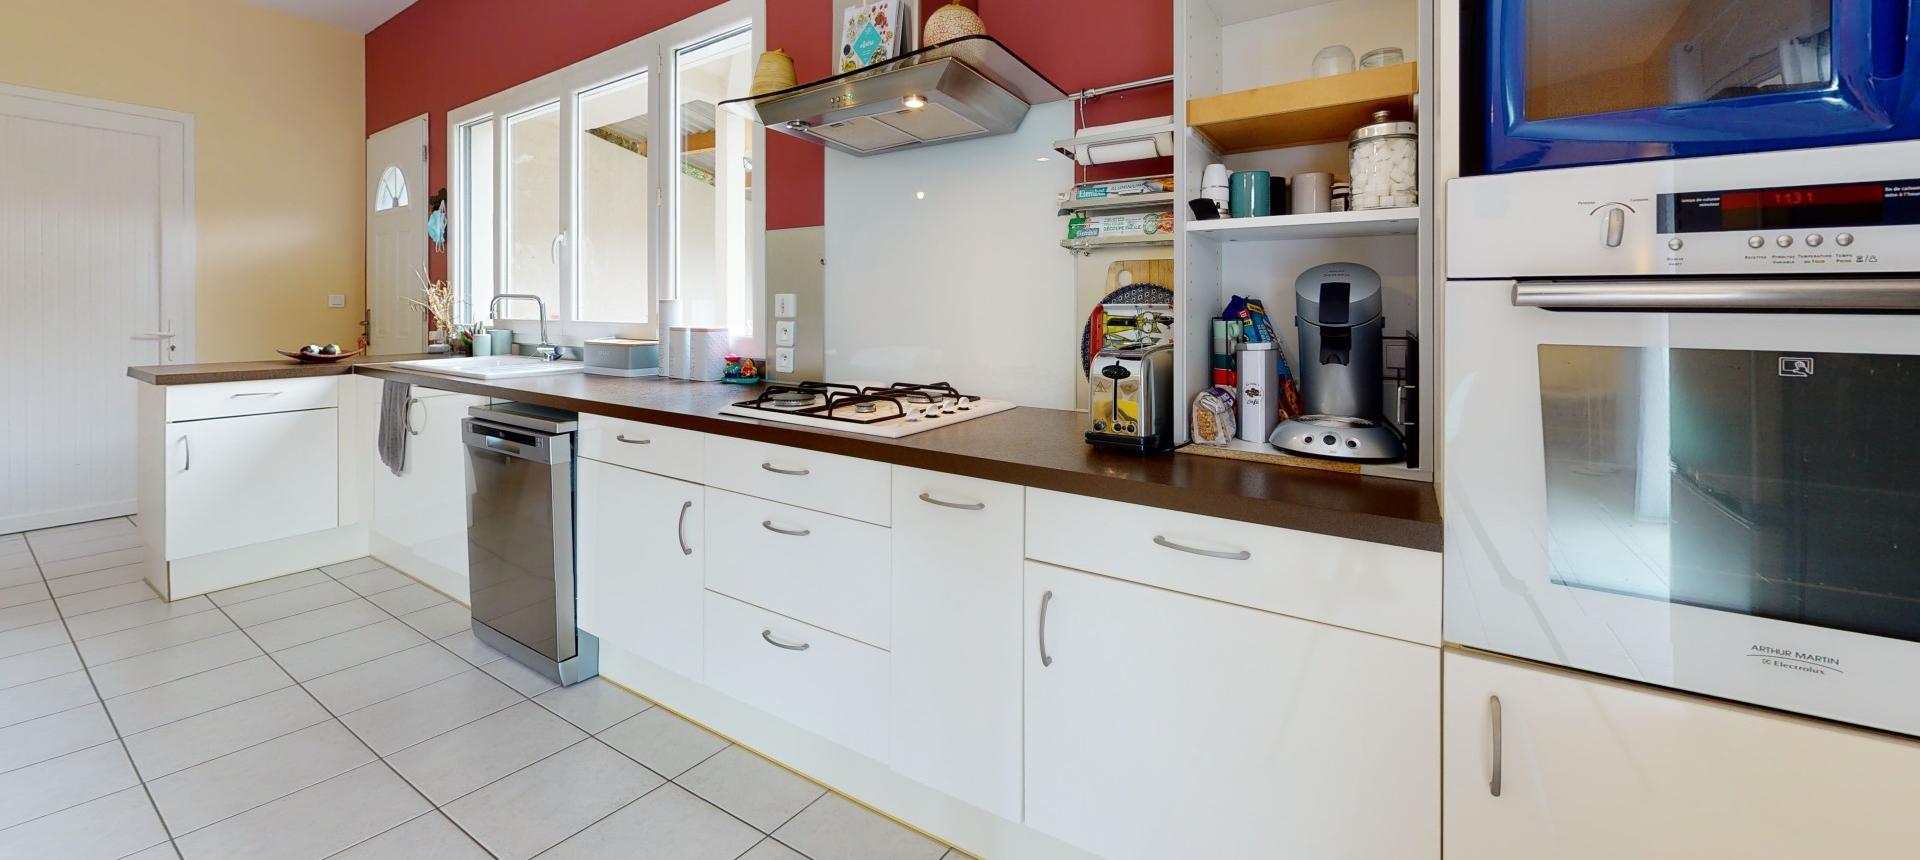 Villa à vendre proche Ajaccio - San Benedetto - Vue cuisine - RDJ